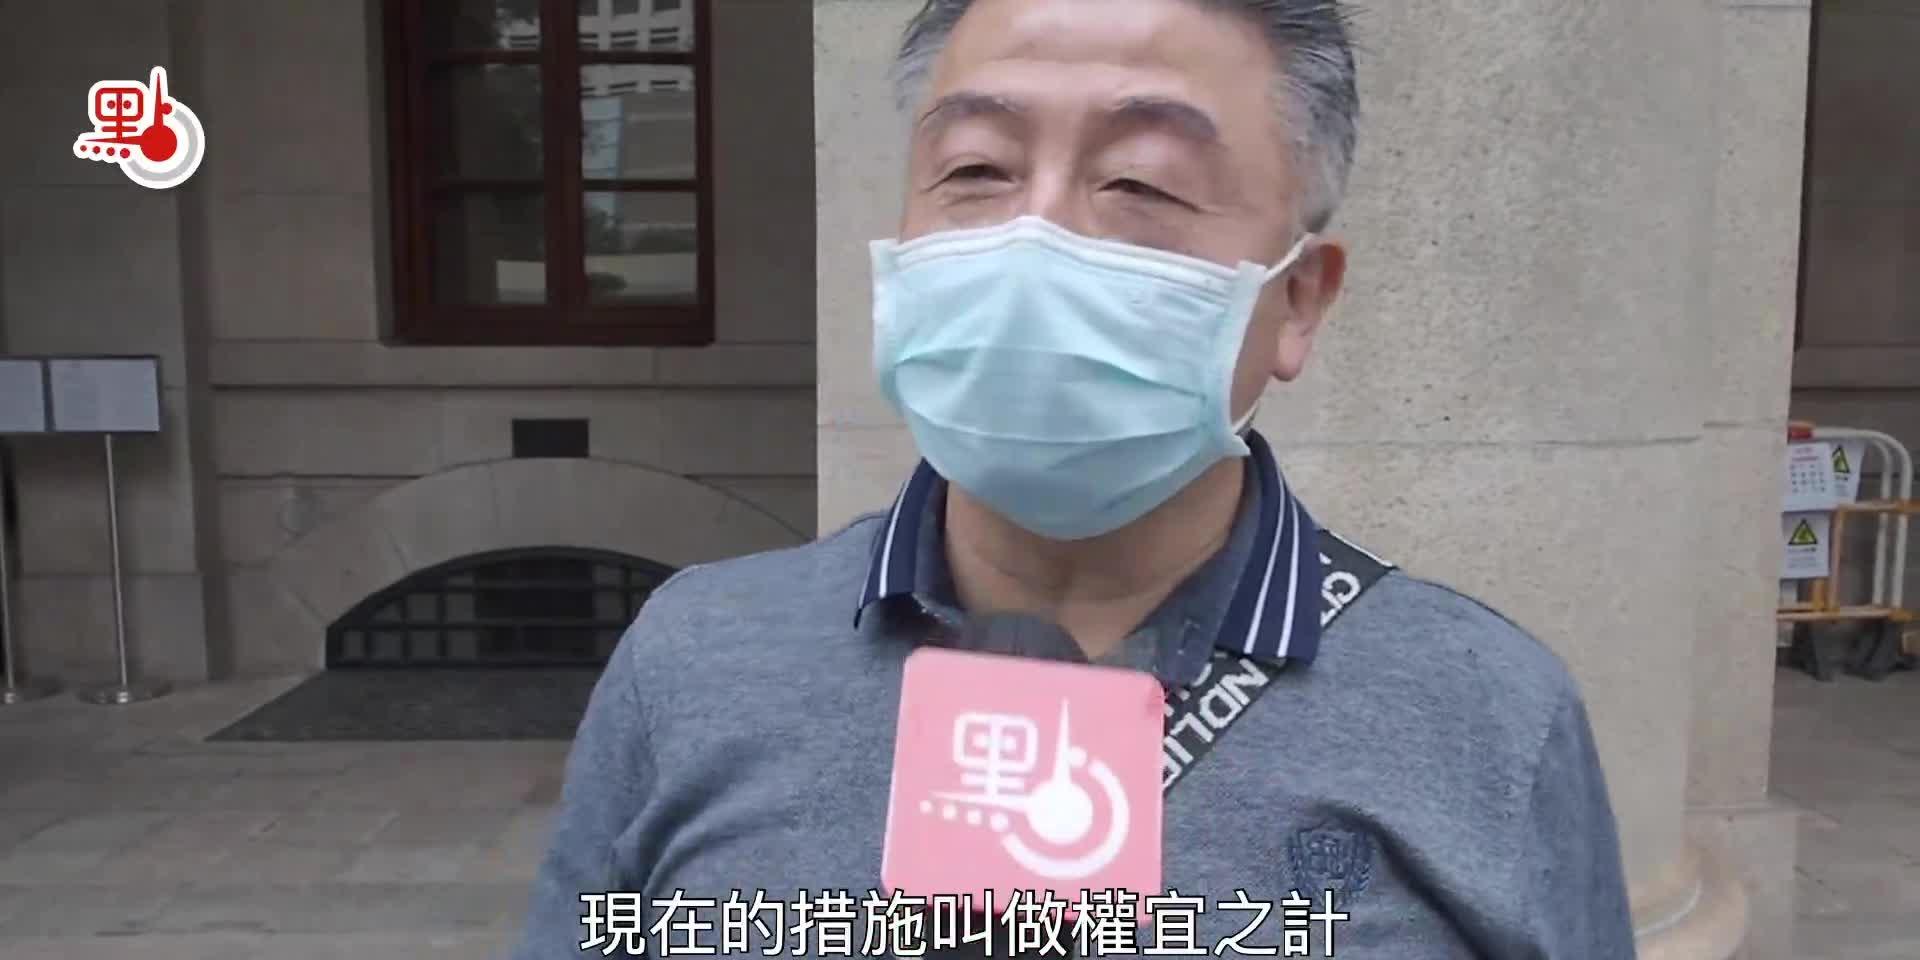 街訪|第四波疫情來襲 市民如何看待政府防疫措施?